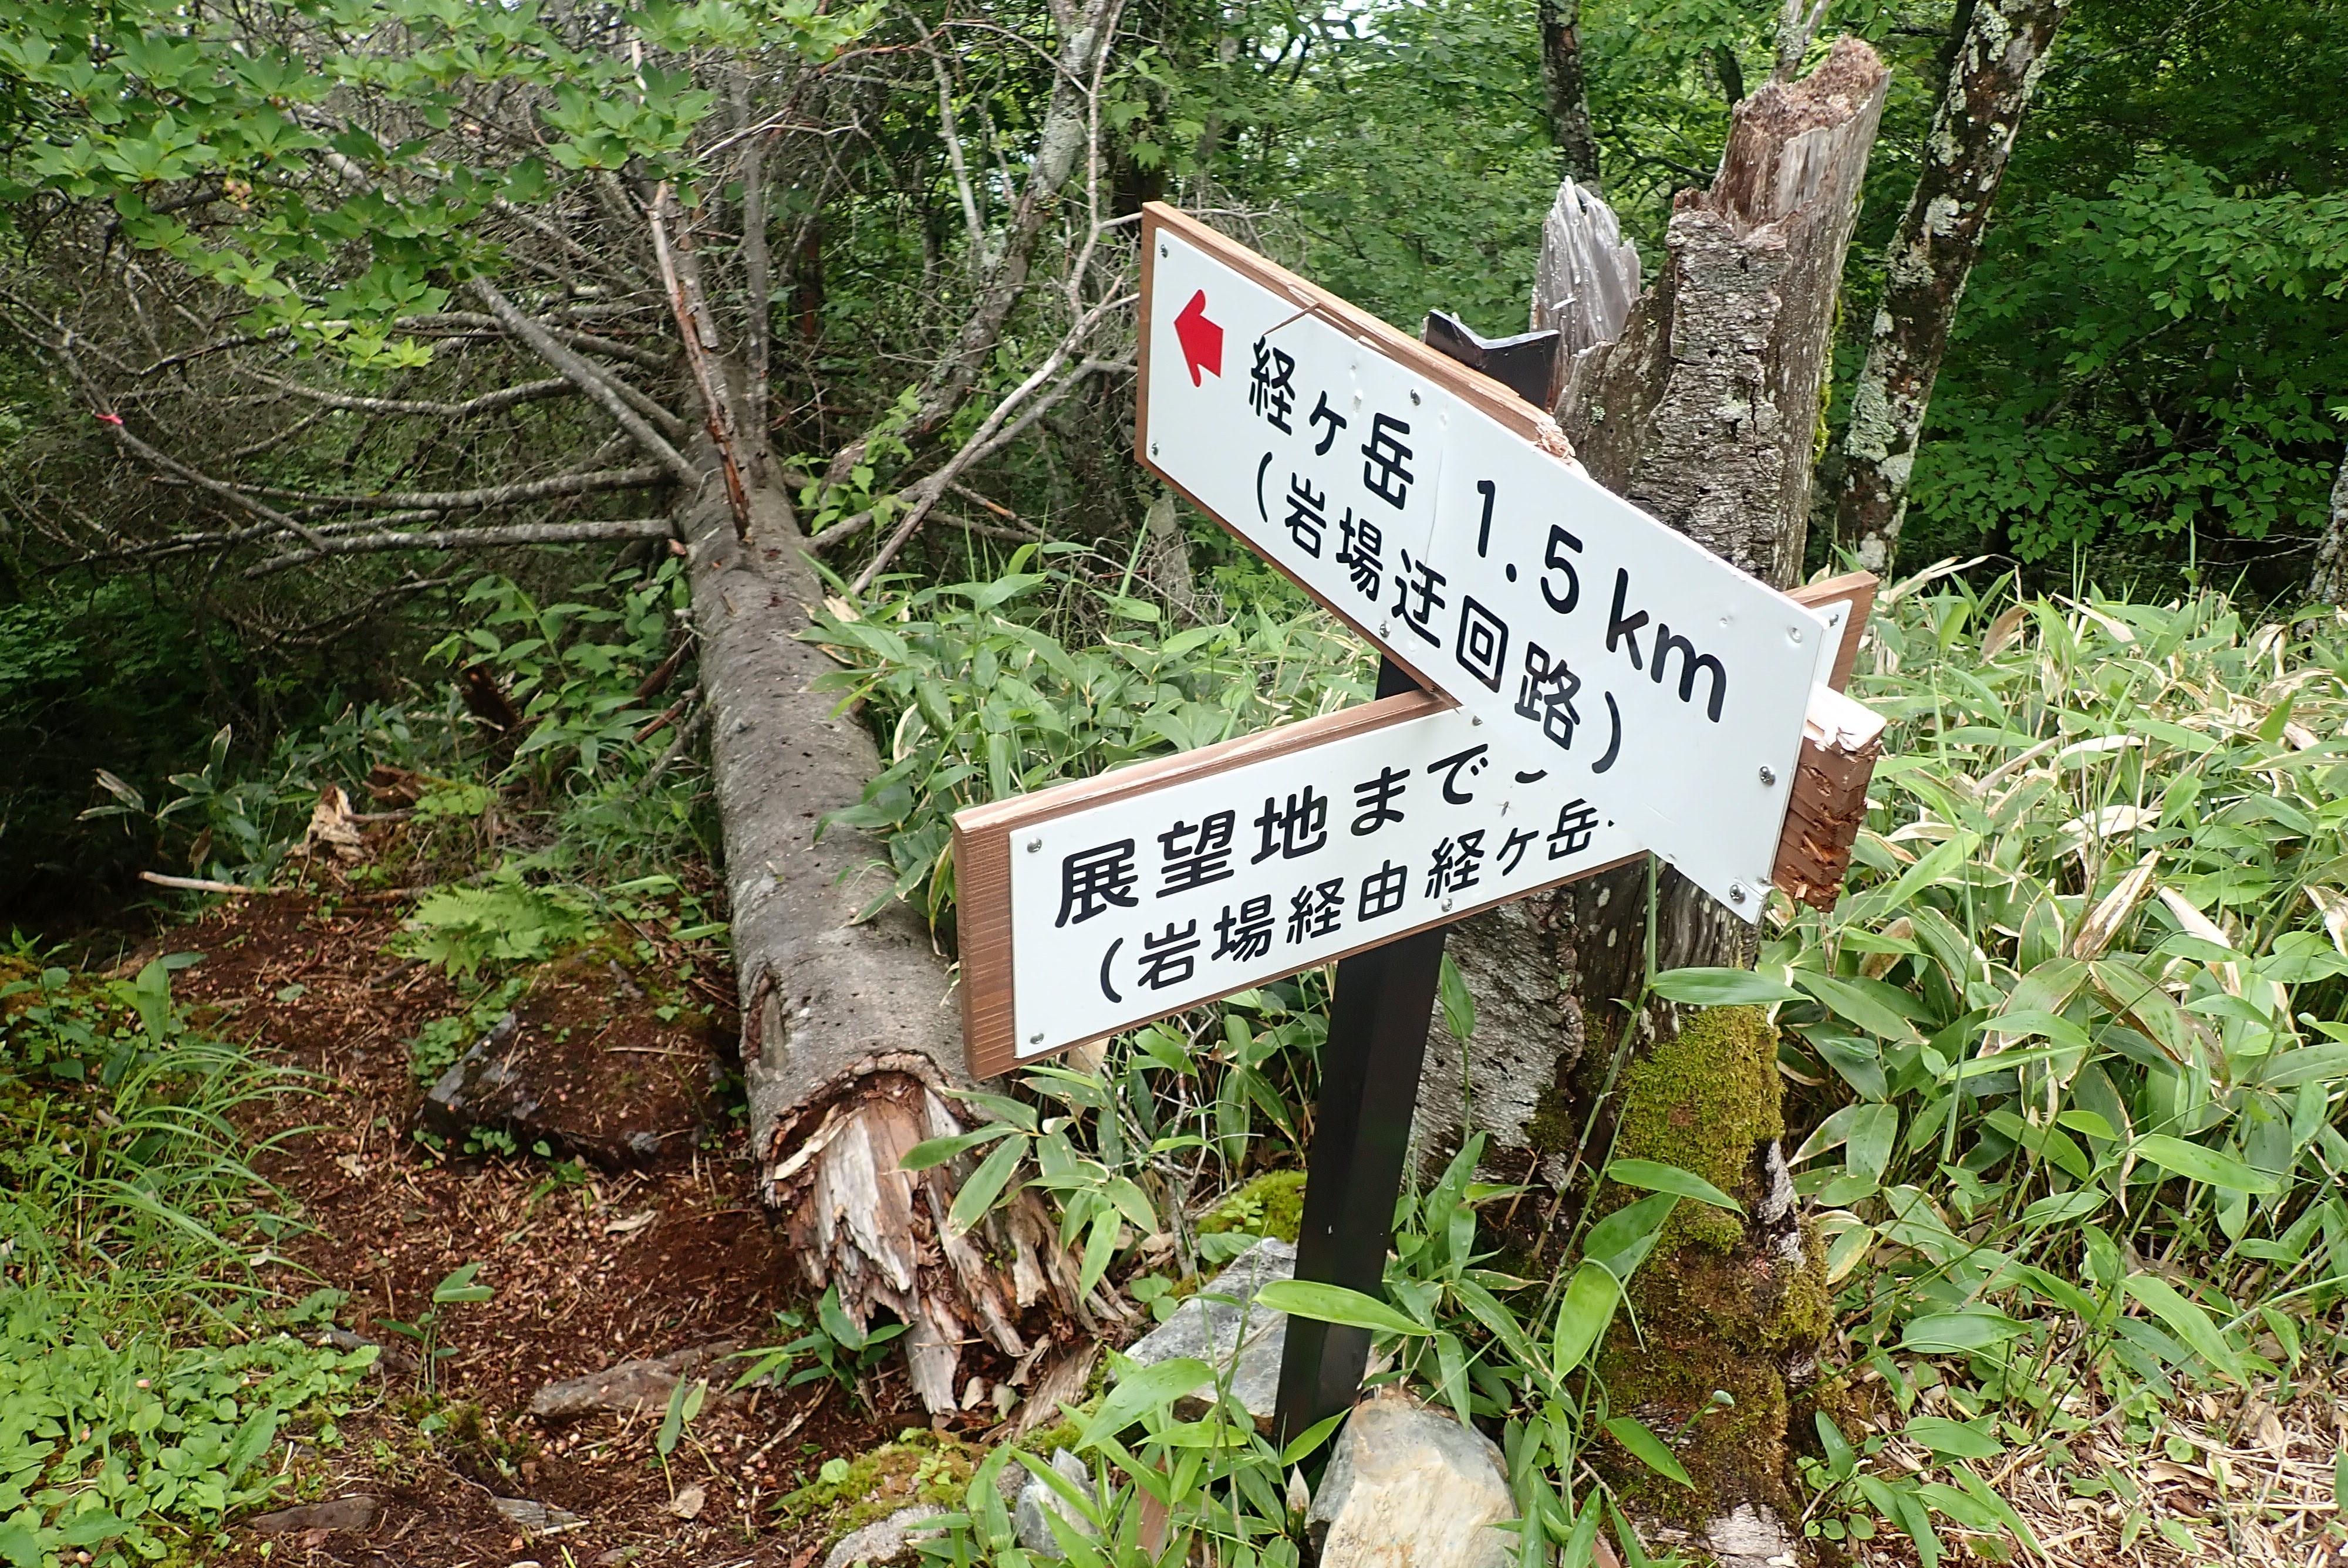 2021/07/03 権兵衛峠から経ヶ岳『足にやさしい道です』